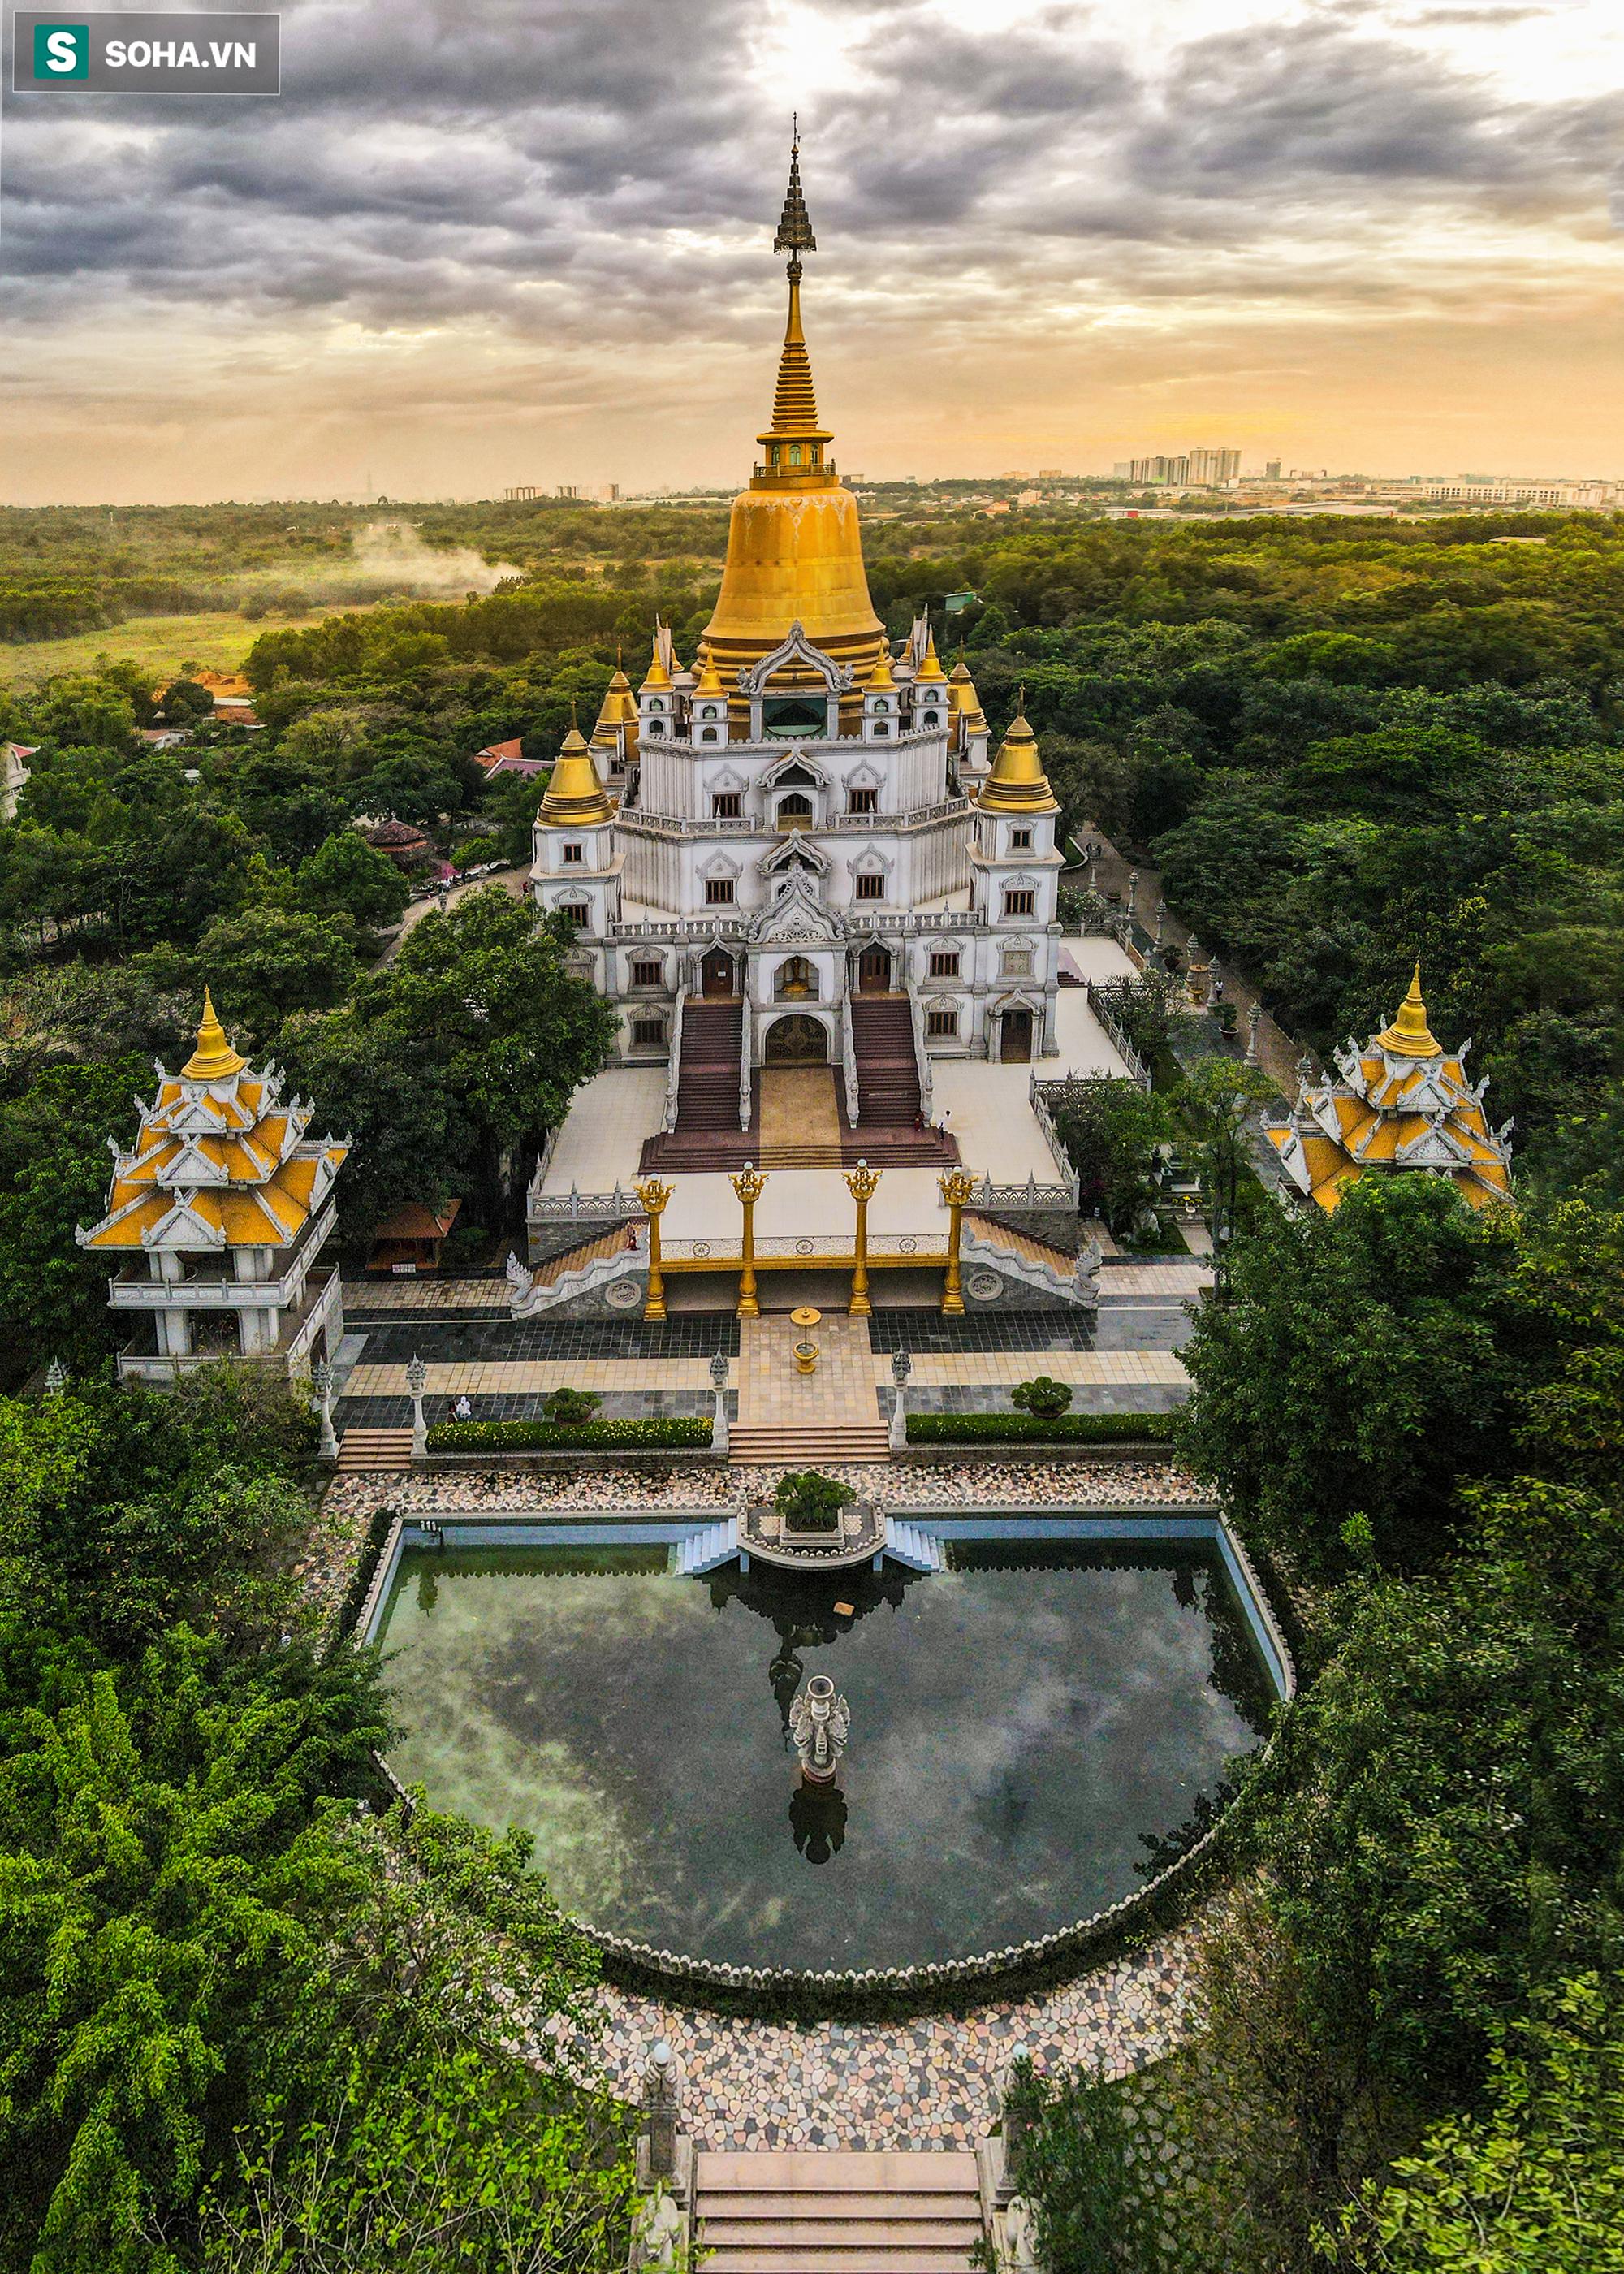 [Ảnh] Ngắm vẻ đẹp huyền bí của ngôi chùa lọt top đẹp nhất thế giới tọa lạc tại TP.Thủ Đức - Ảnh 3.